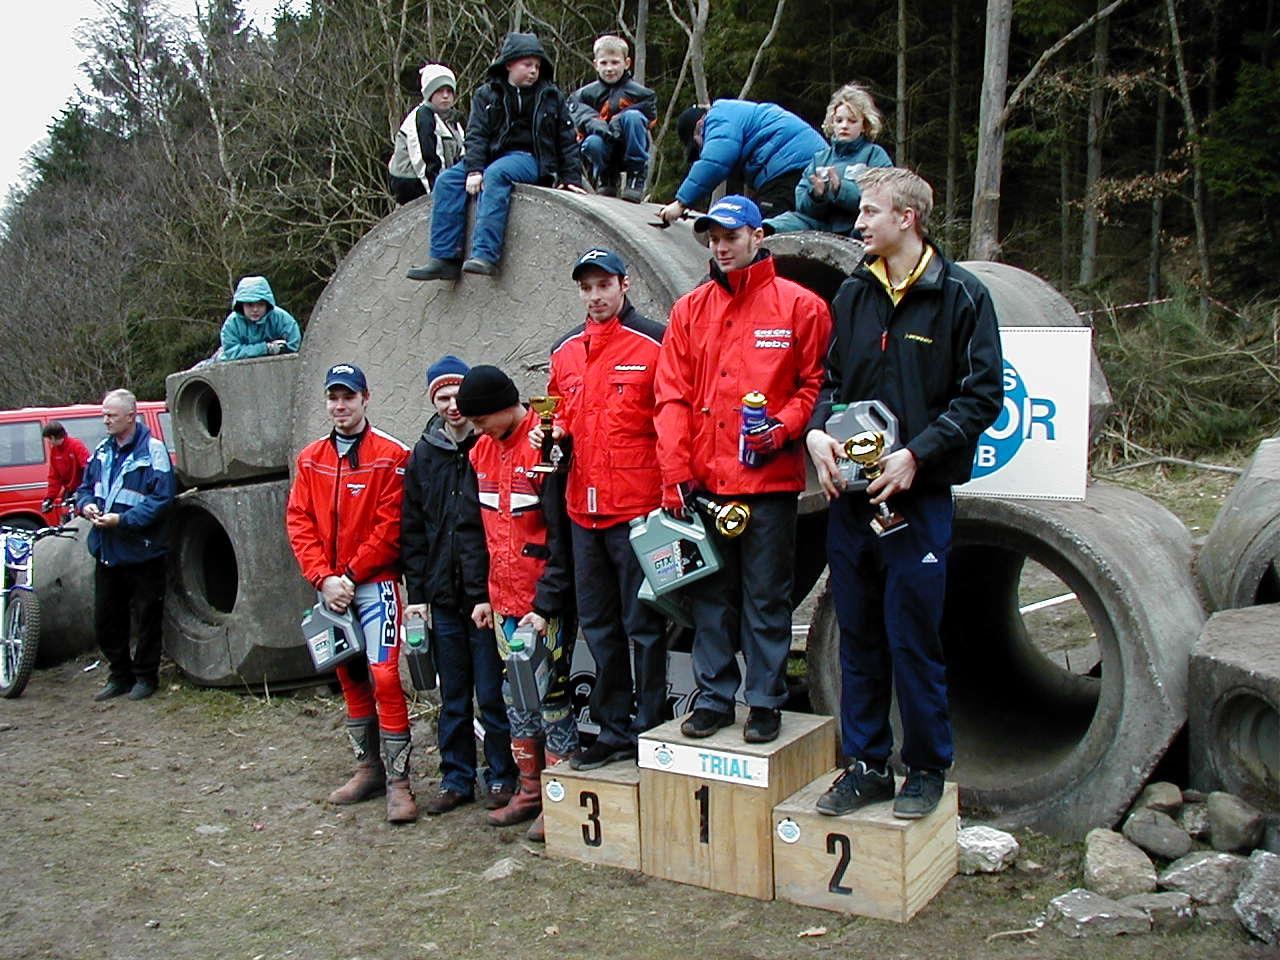 Præmieskamlen i eliteklassen med svenskeren Anders Nielsson øverst.